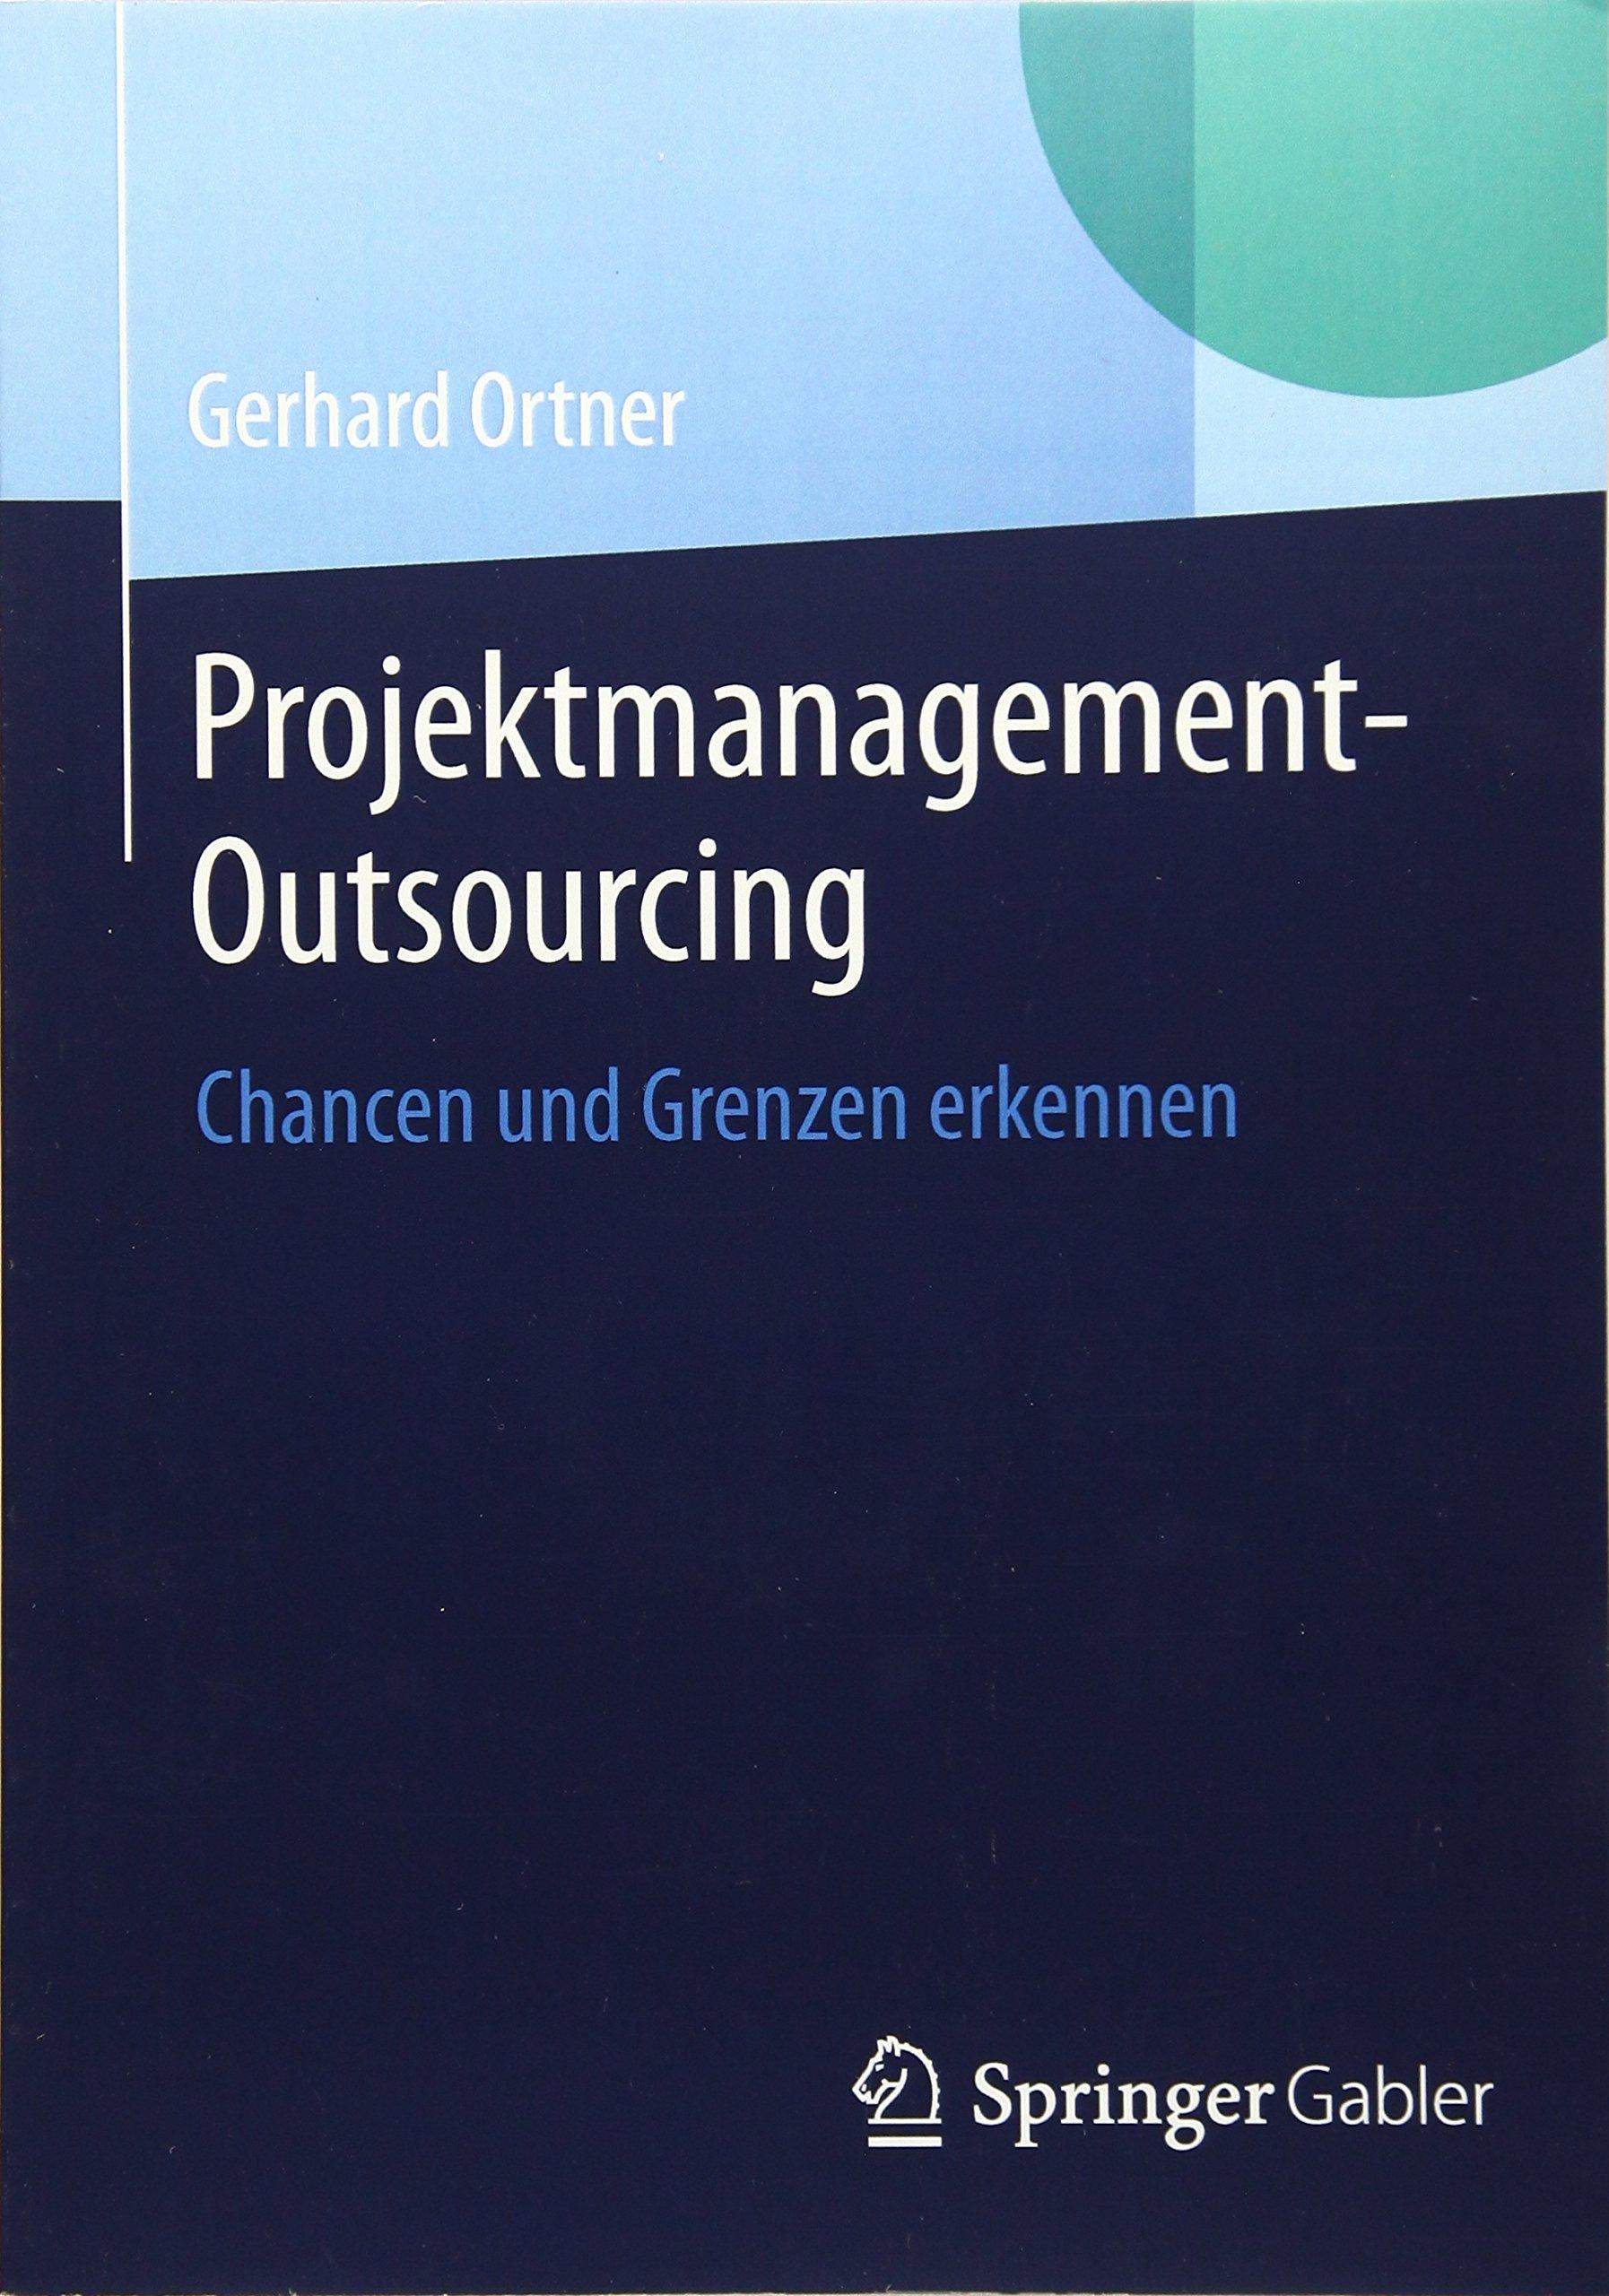 Projektmanagement-Outsourcing: Chancen und Grenzen erkennen Taschenbuch – 18. November 2014 Gerhard Ortner Springer Gabler 3662450089 Marktforschung